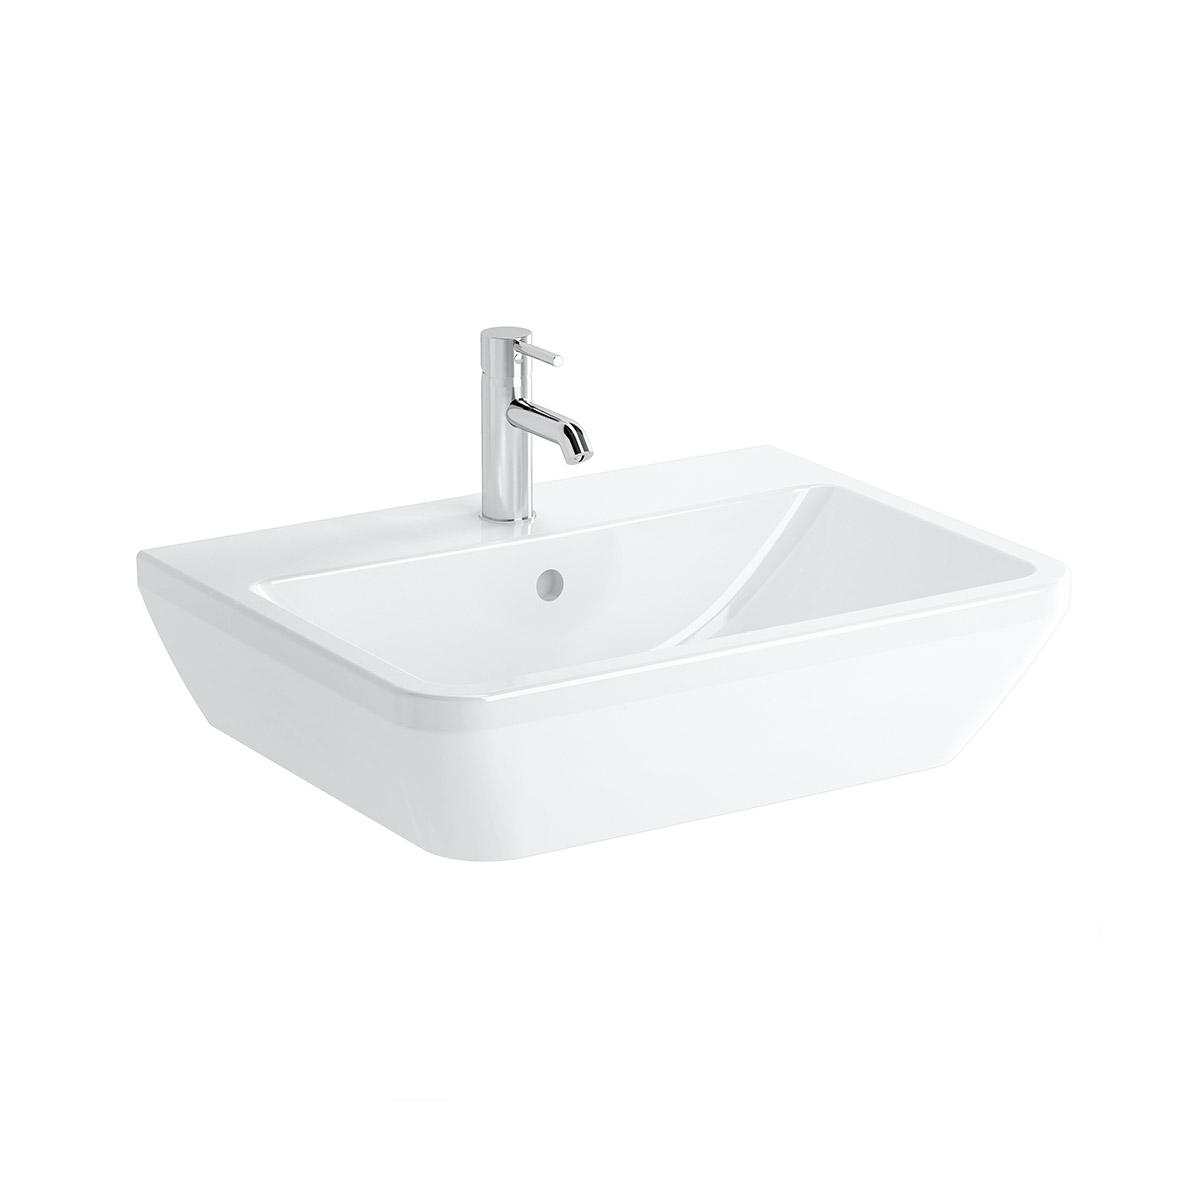 Integra Waschtisch, 65 cm, eckig, ohne Hahnloch, mit Überlaufloch, Weiß, VitrA Clean